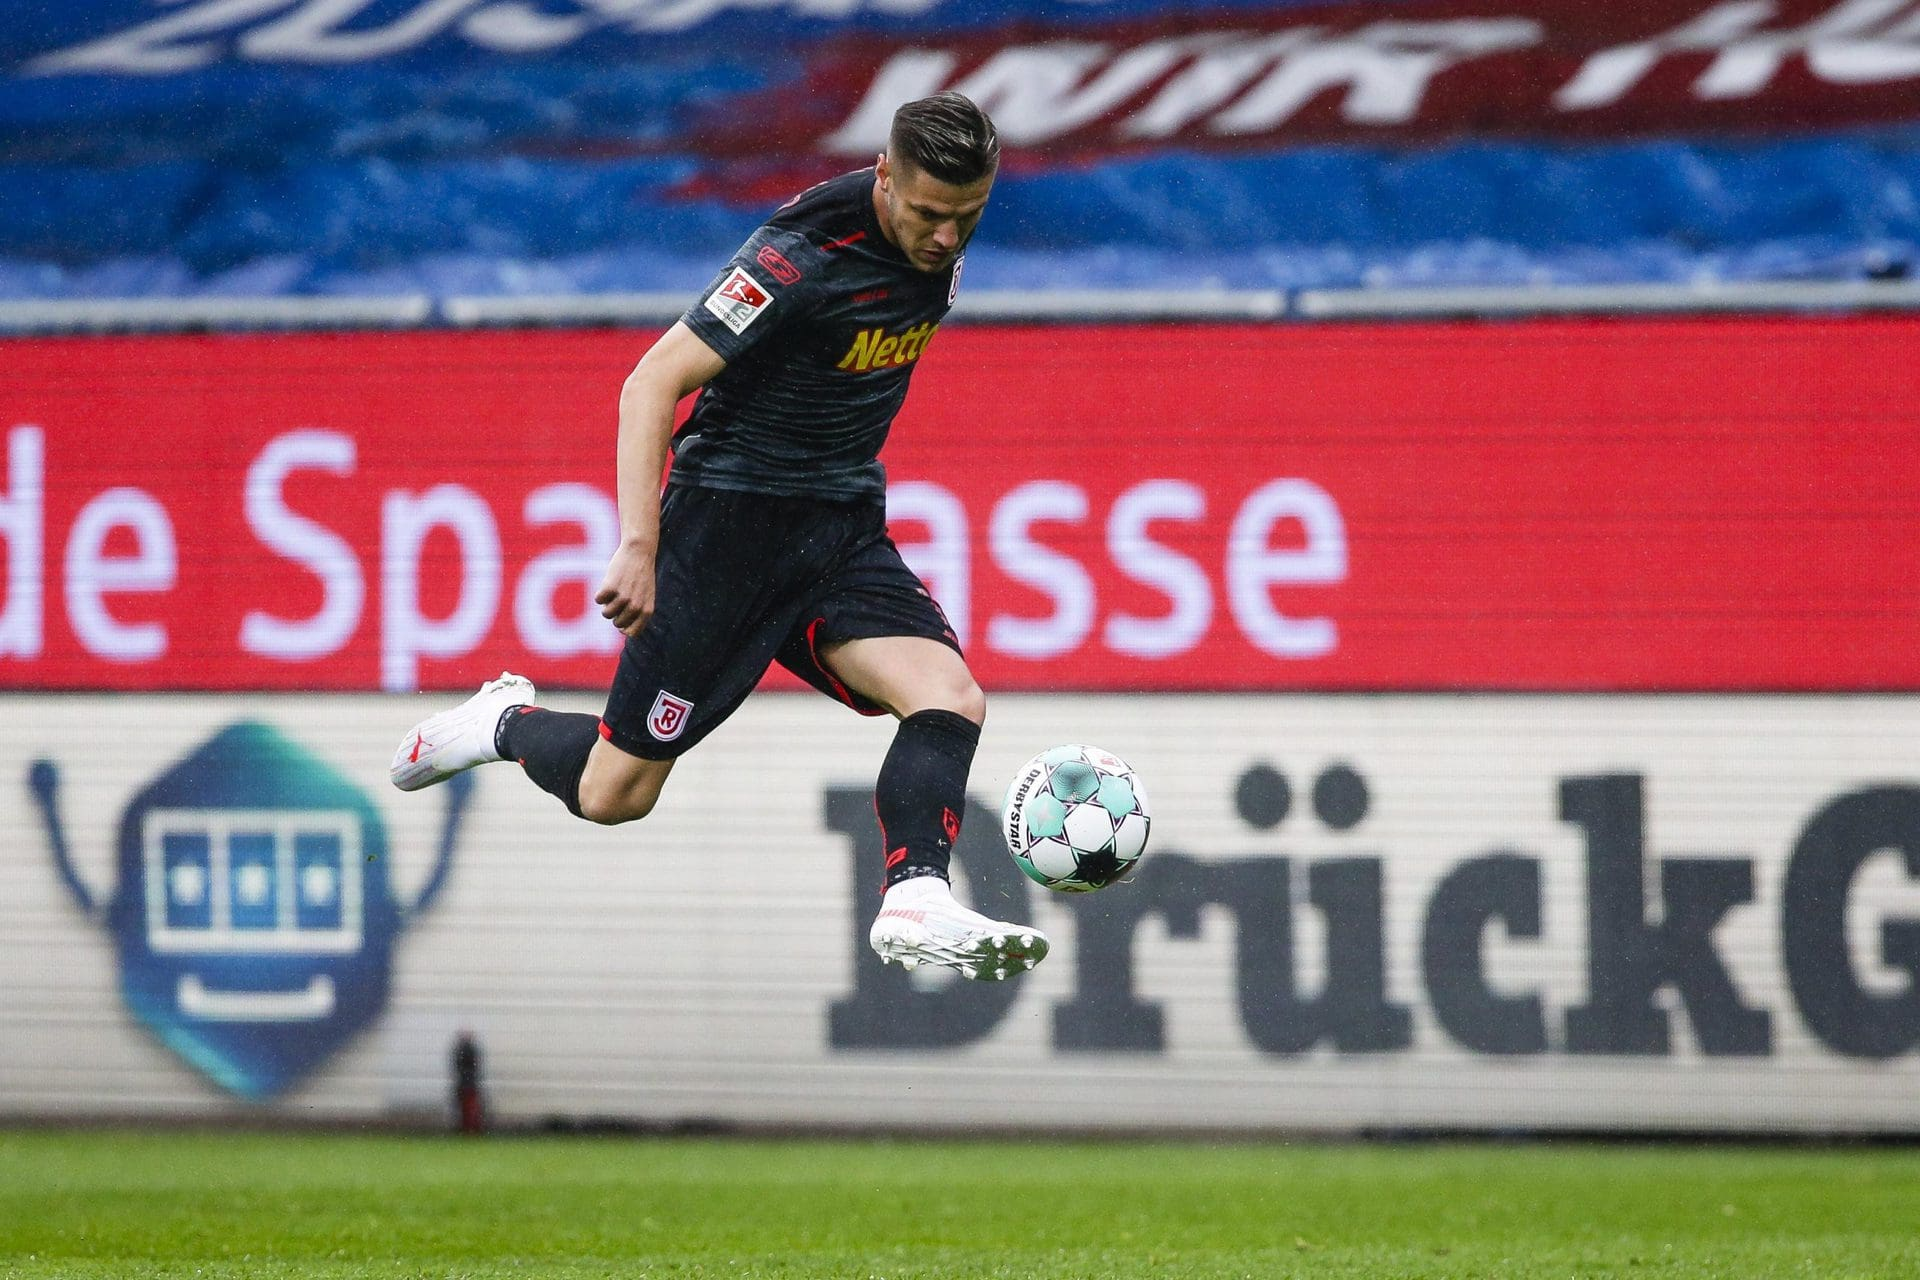 Regensburg wochenlang ohne verletzten Verteidiger Wekesser 2. Liga